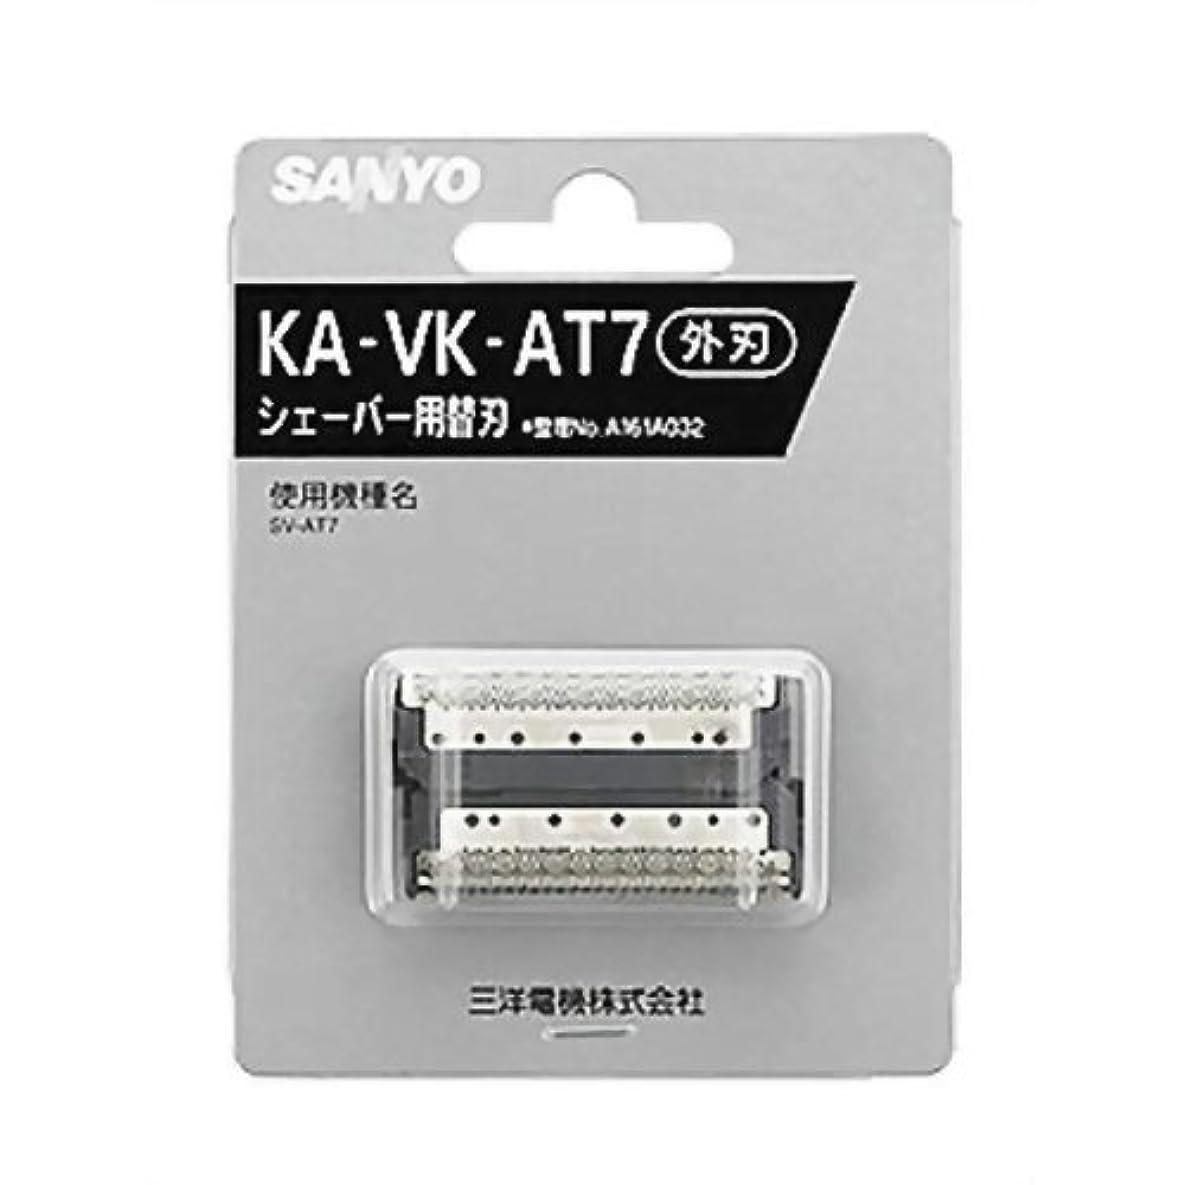 無意識したいキャンセルSANYO メンズシェーバー替刃(外刃) KA-VK-AT7